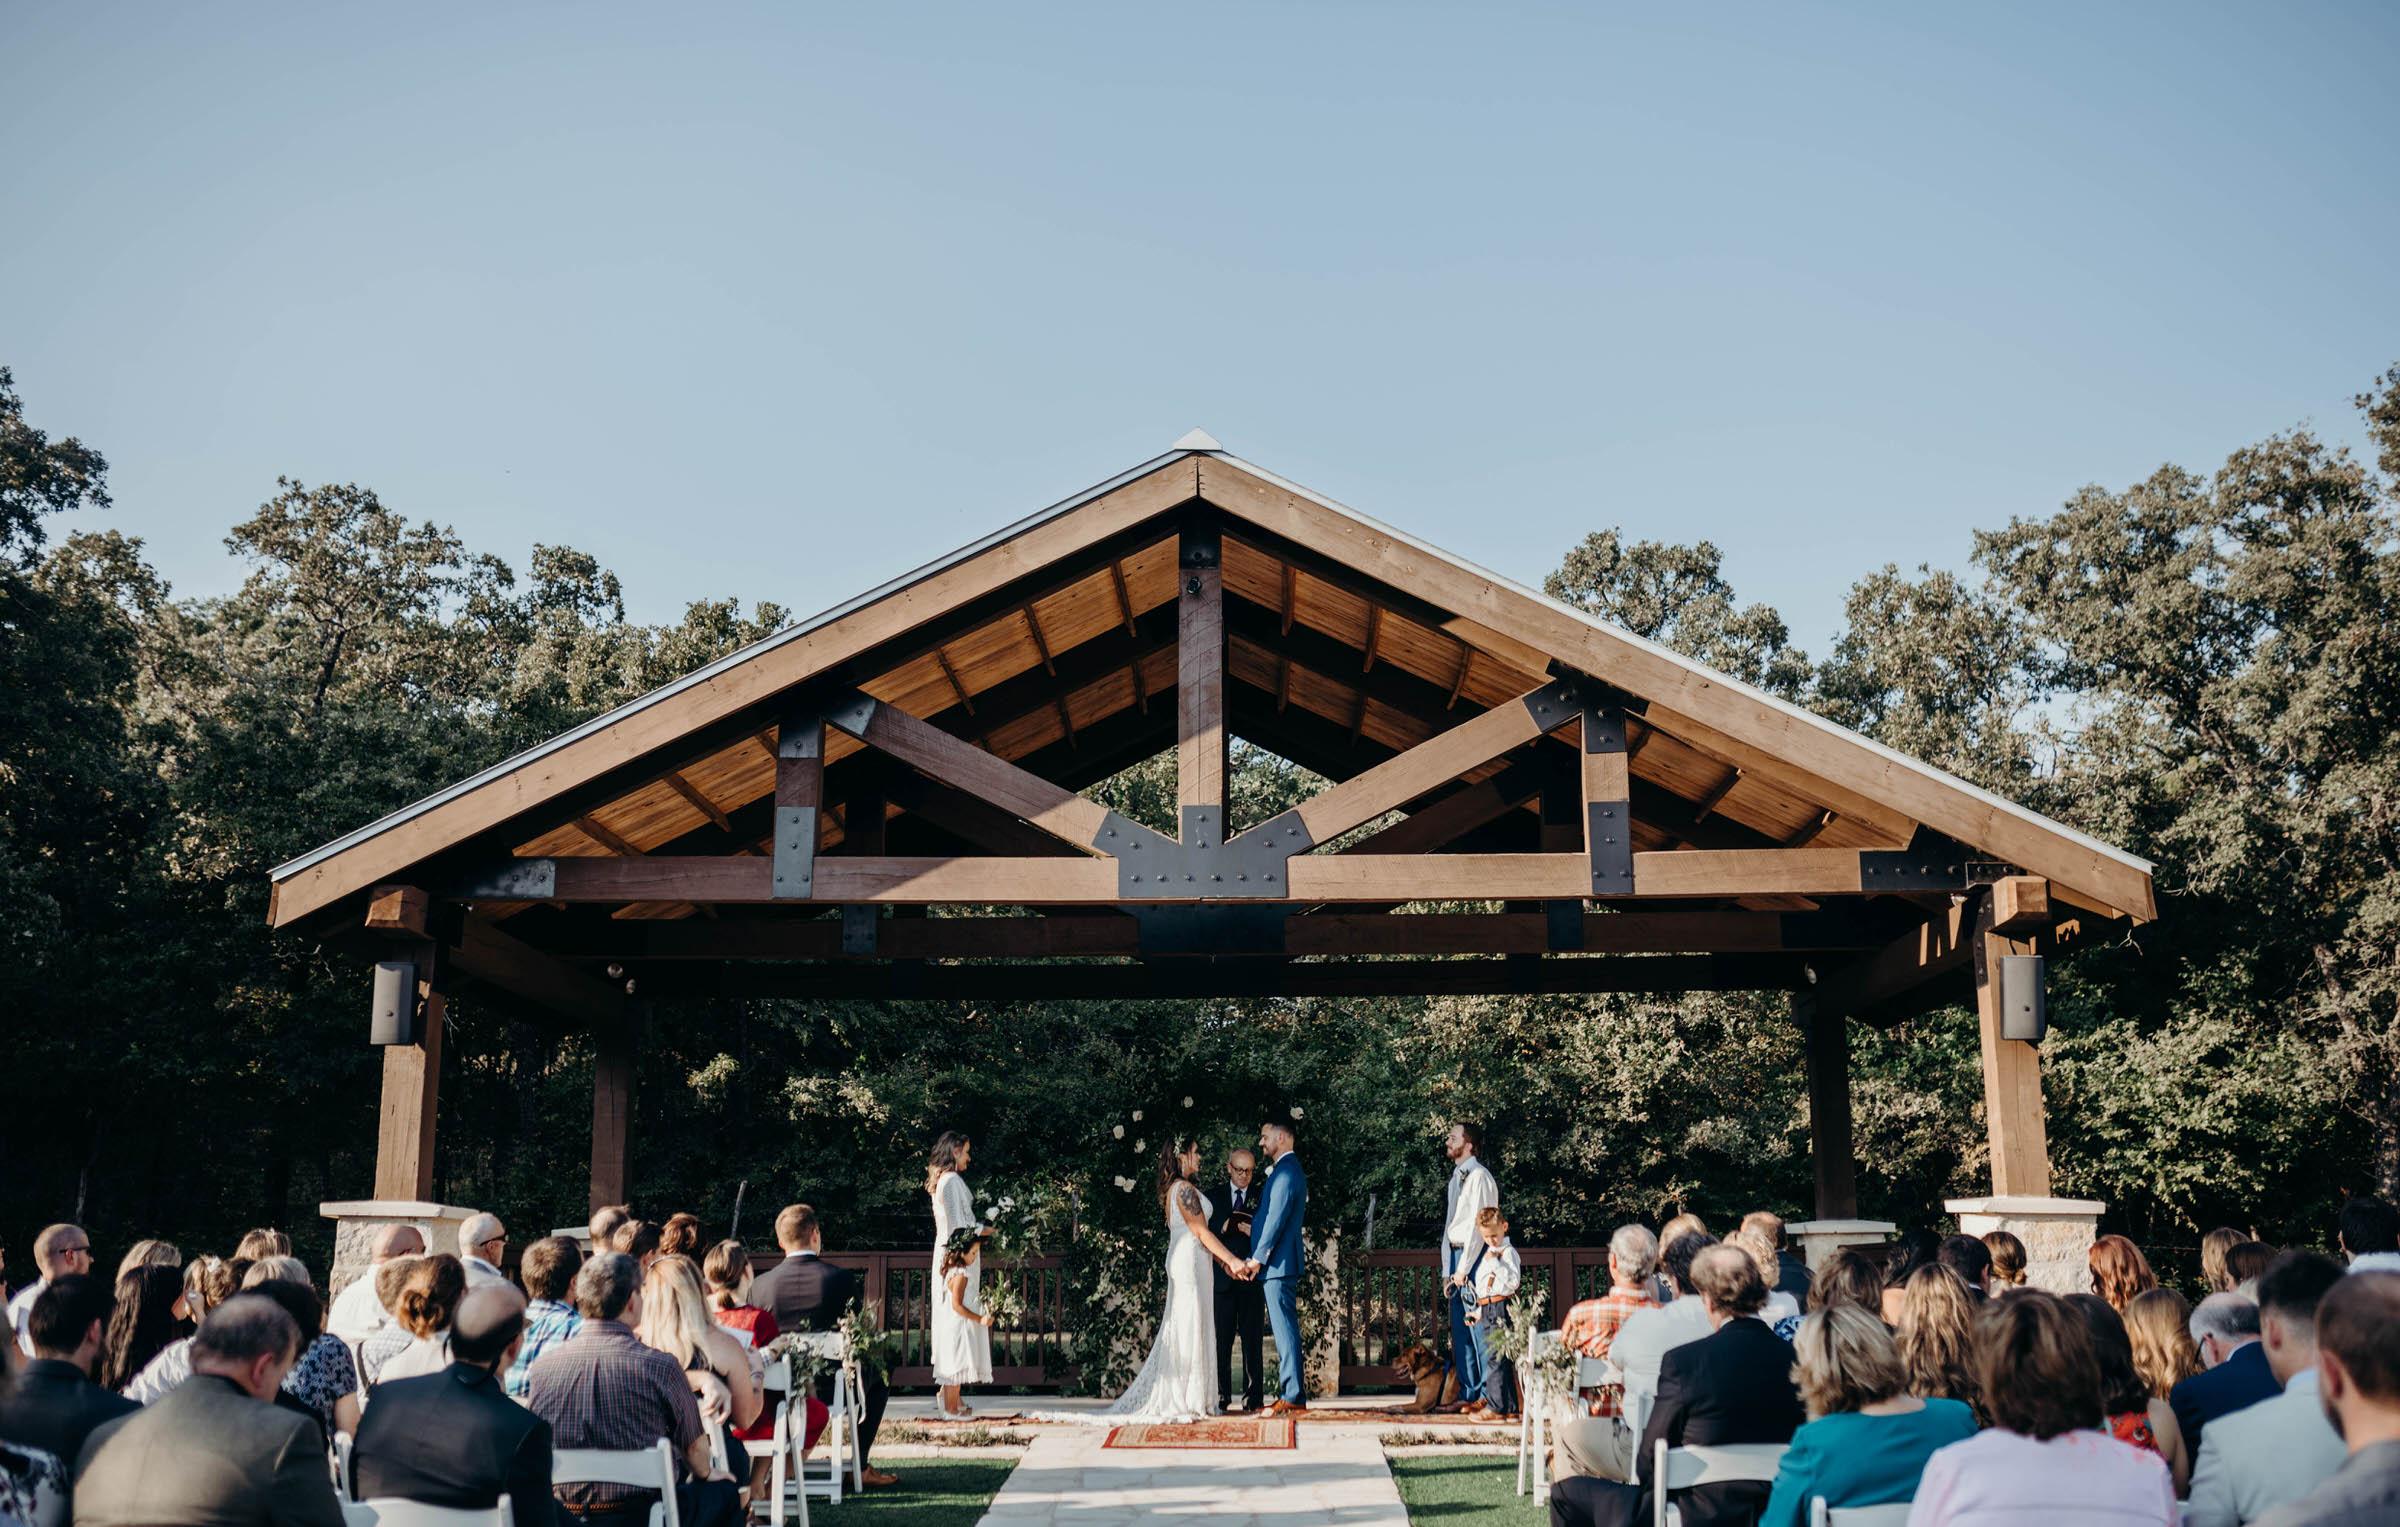 dietzen_aubrey-texas-the-springs-wedding_020-1.jpg